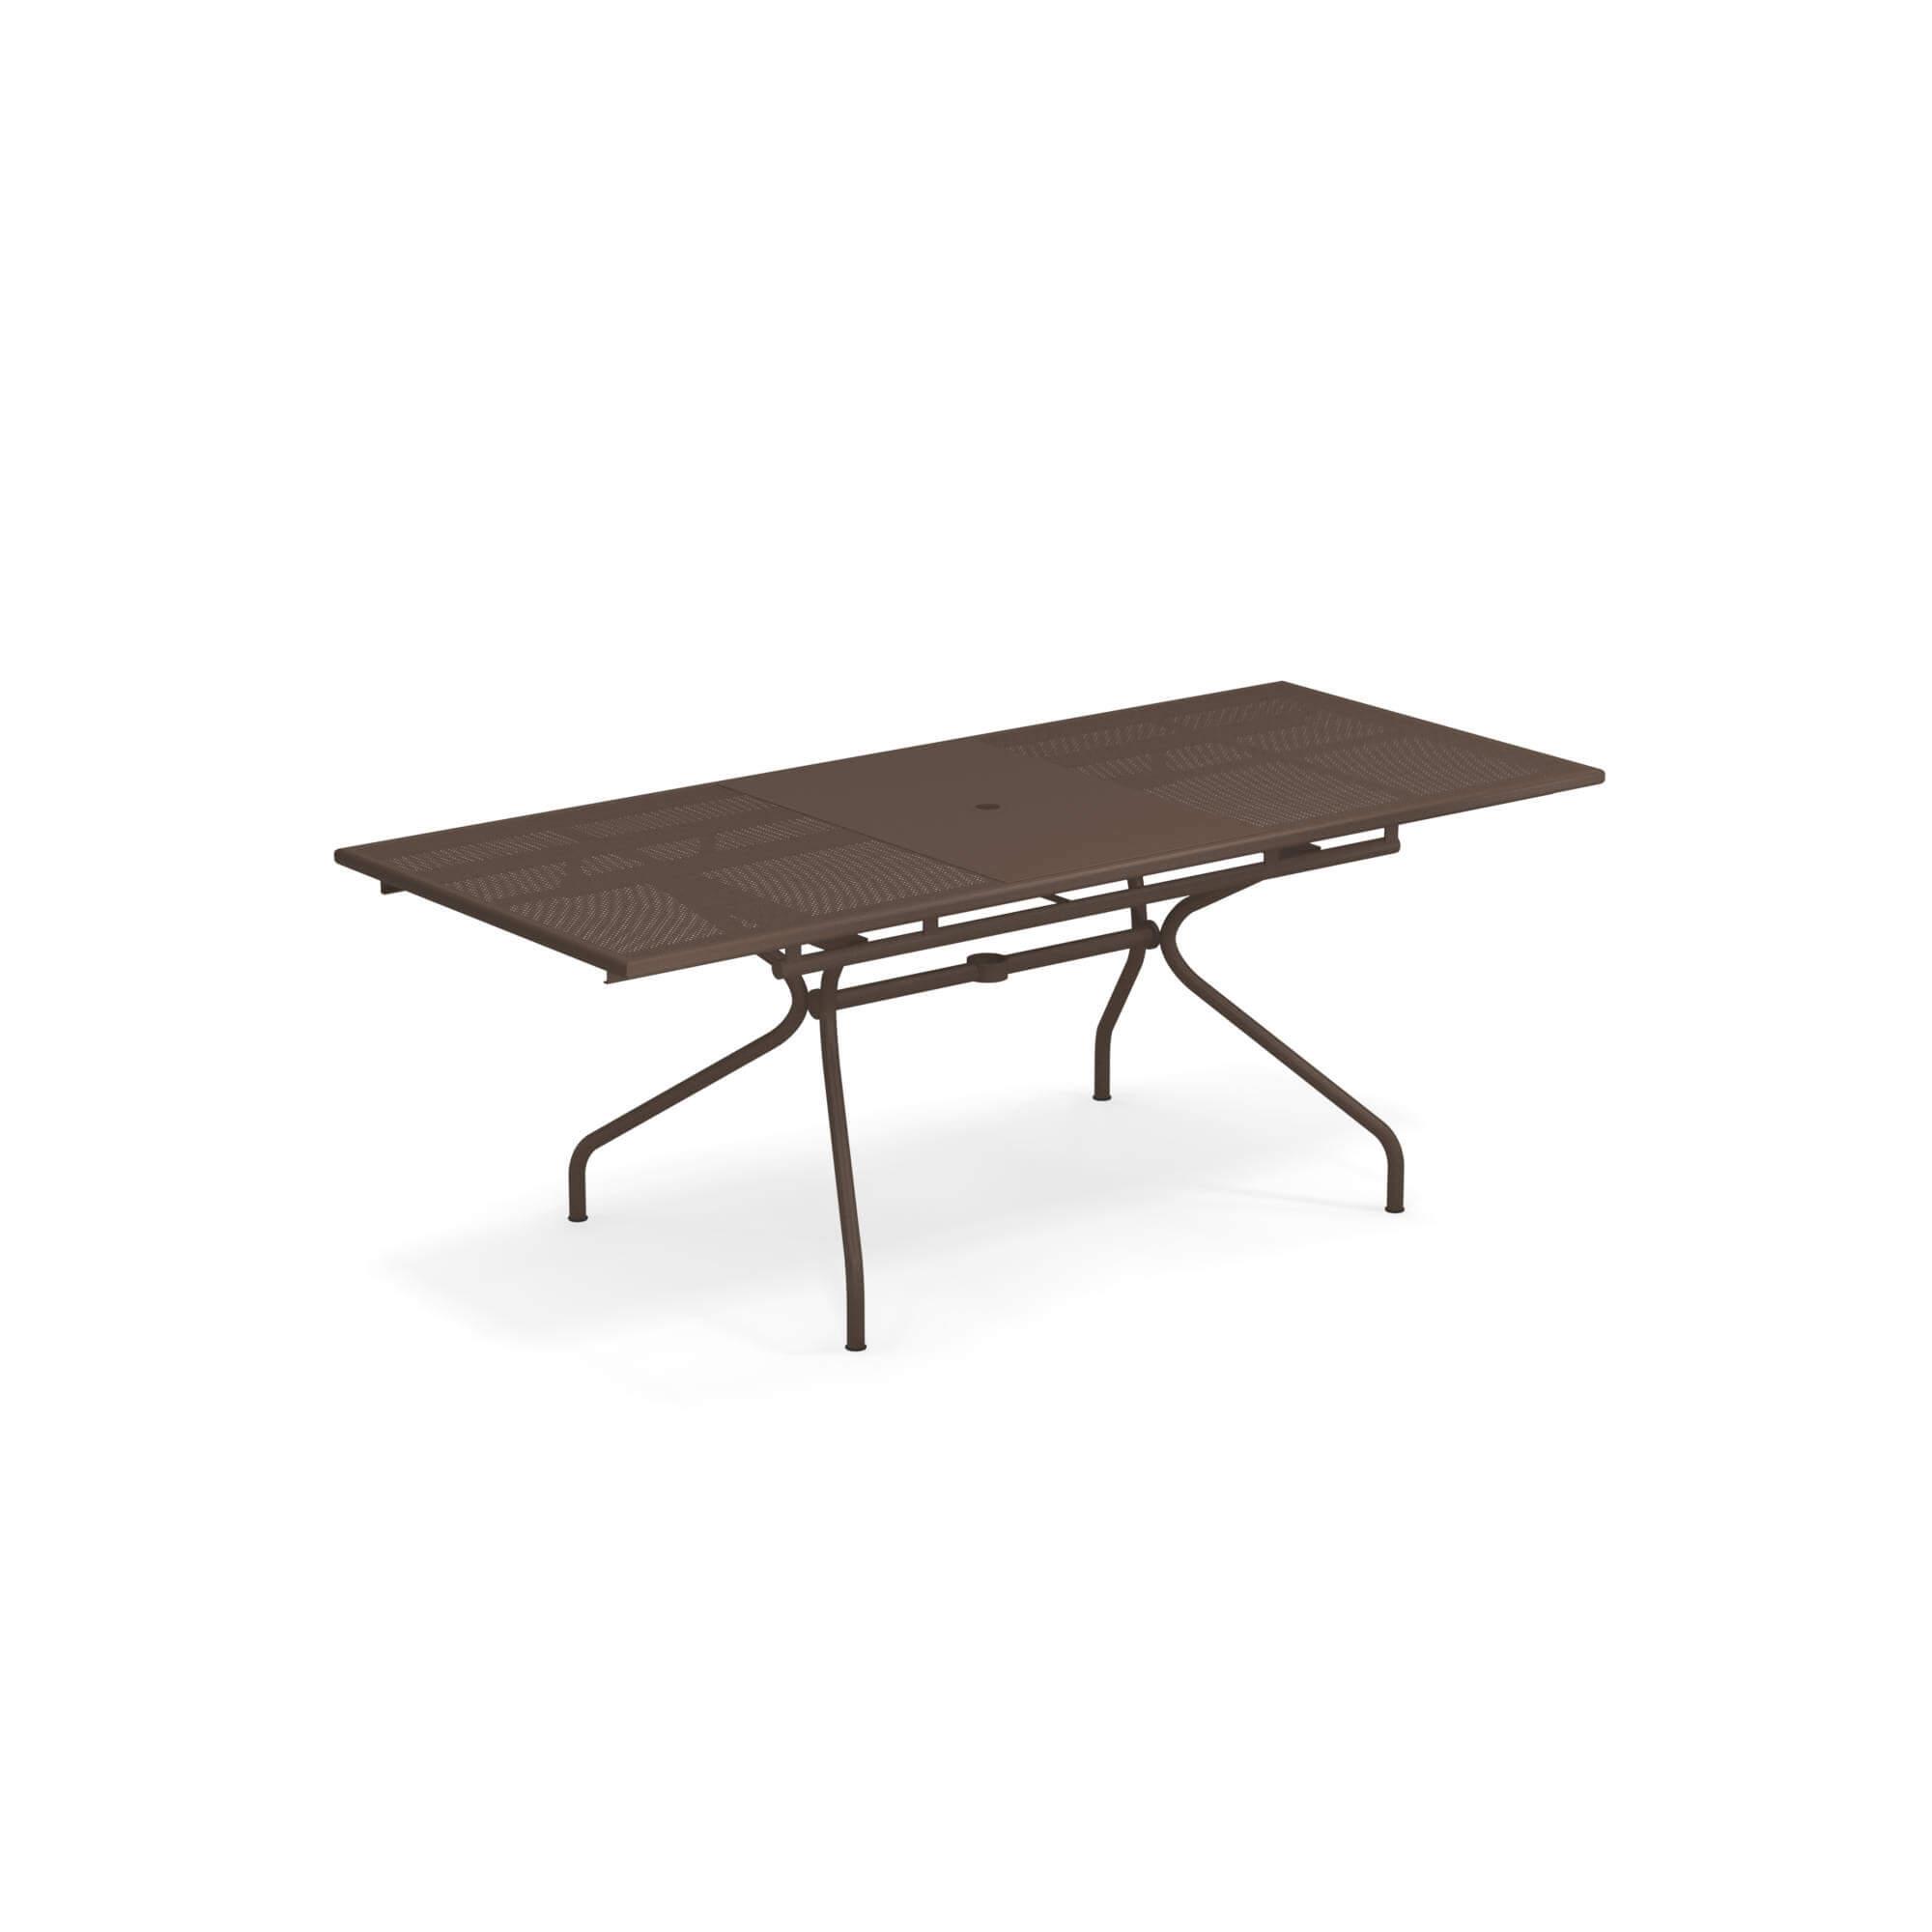 Tavoli Da Giardino Emu Prezzi.Tavolo Allungabile 160 50x90 Da Giardino Esterno In